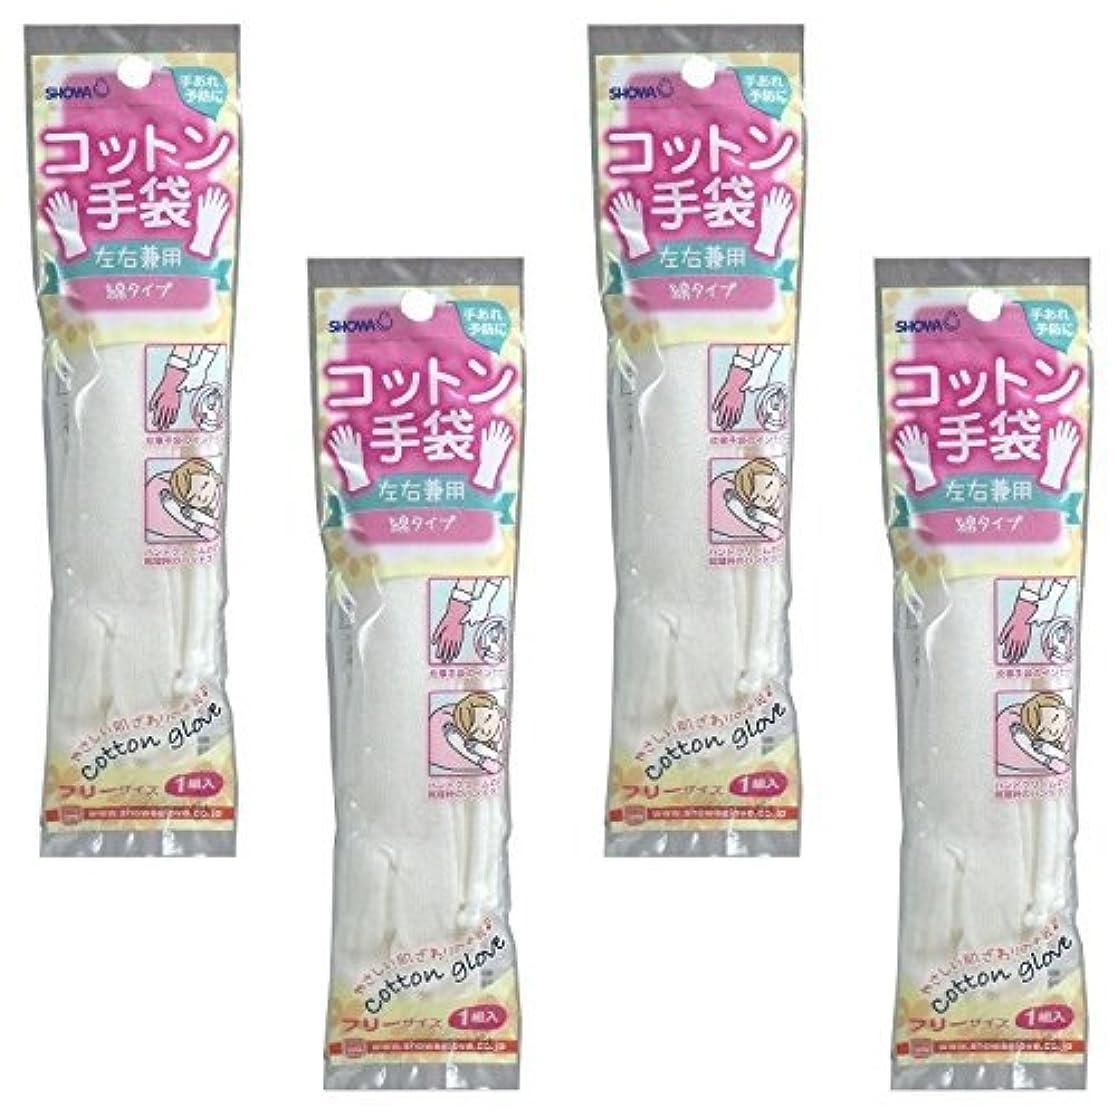 ぬれた長さヶ月目【まとめ買い】ショーワ コットン手袋 綿タイプ ホワイト フリーサイズ 1組入【×4個】